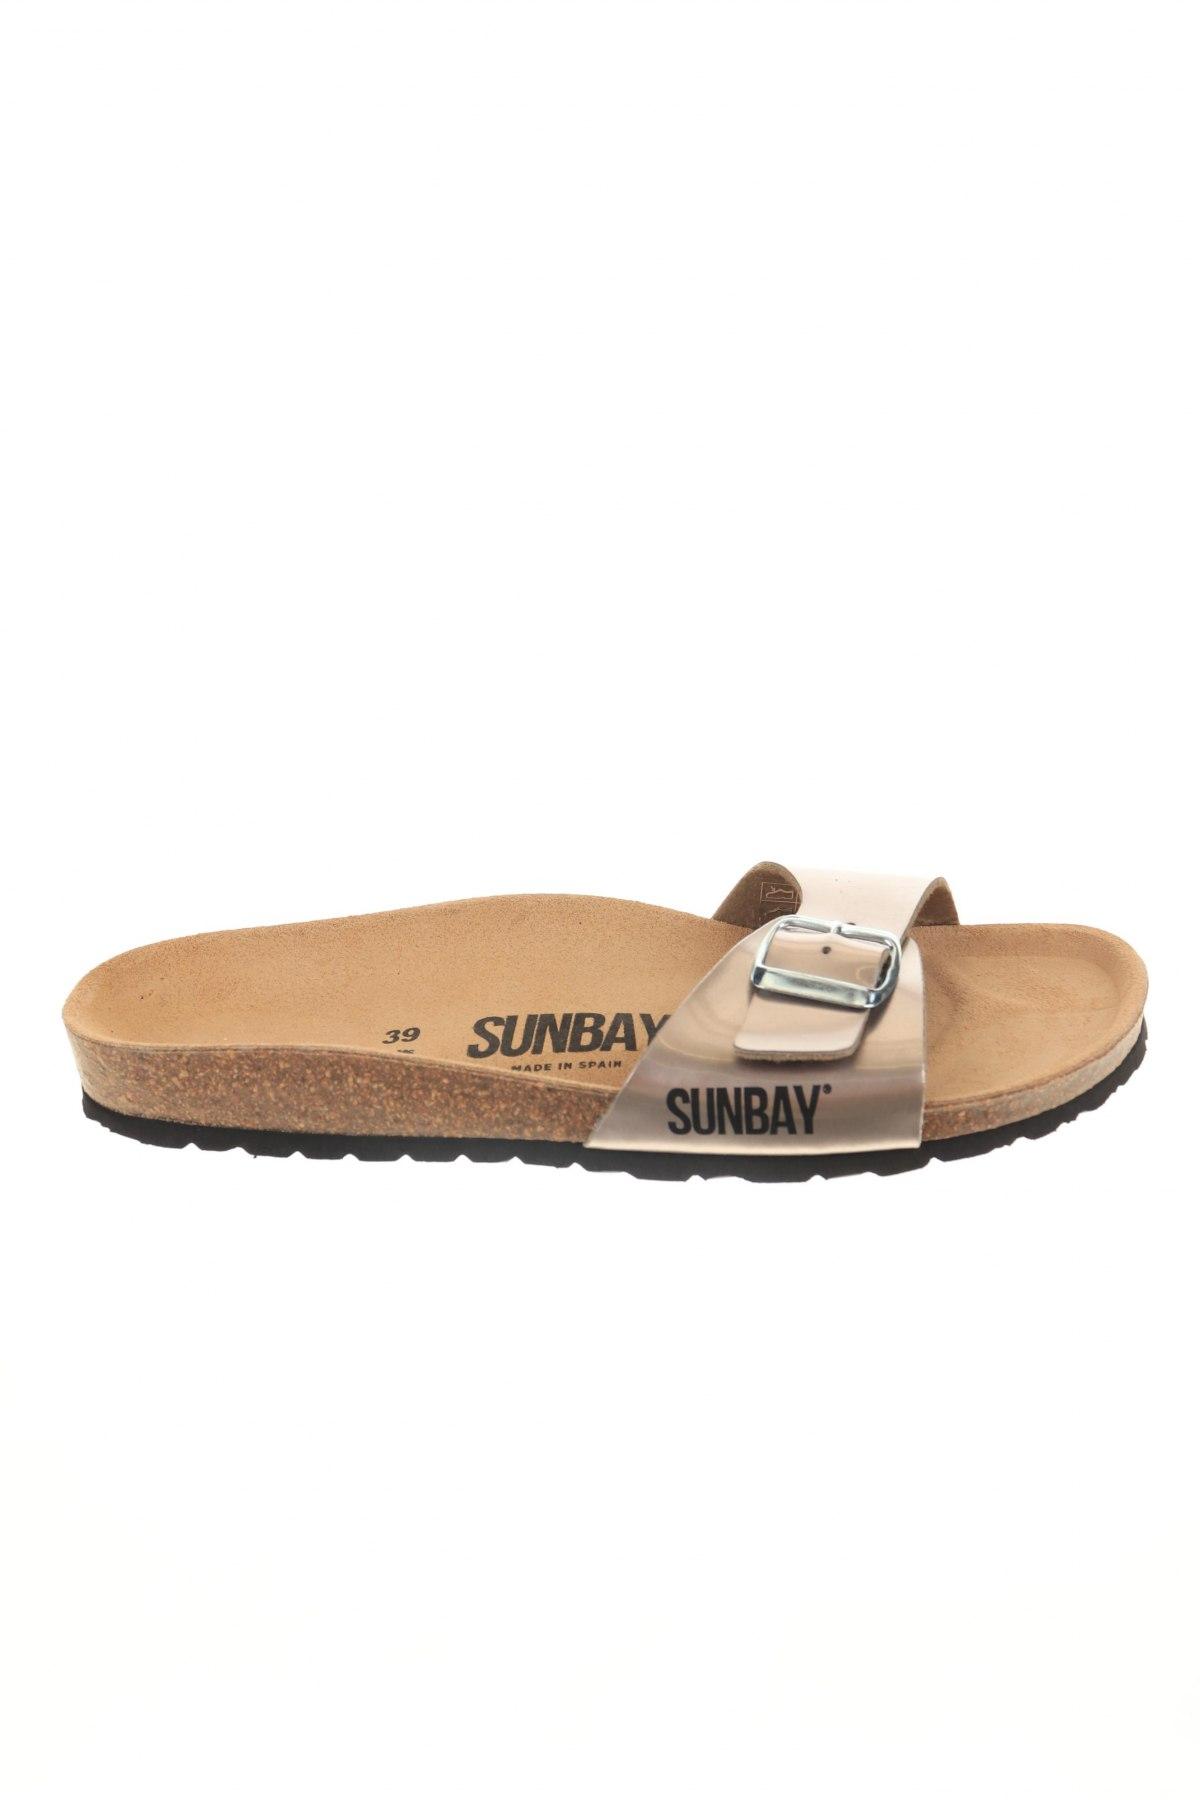 Γυναικείες παντόφλες Sunbay, Μέγεθος 39, Χρώμα  Μπέζ, Δερματίνη, Τιμή 18,32€